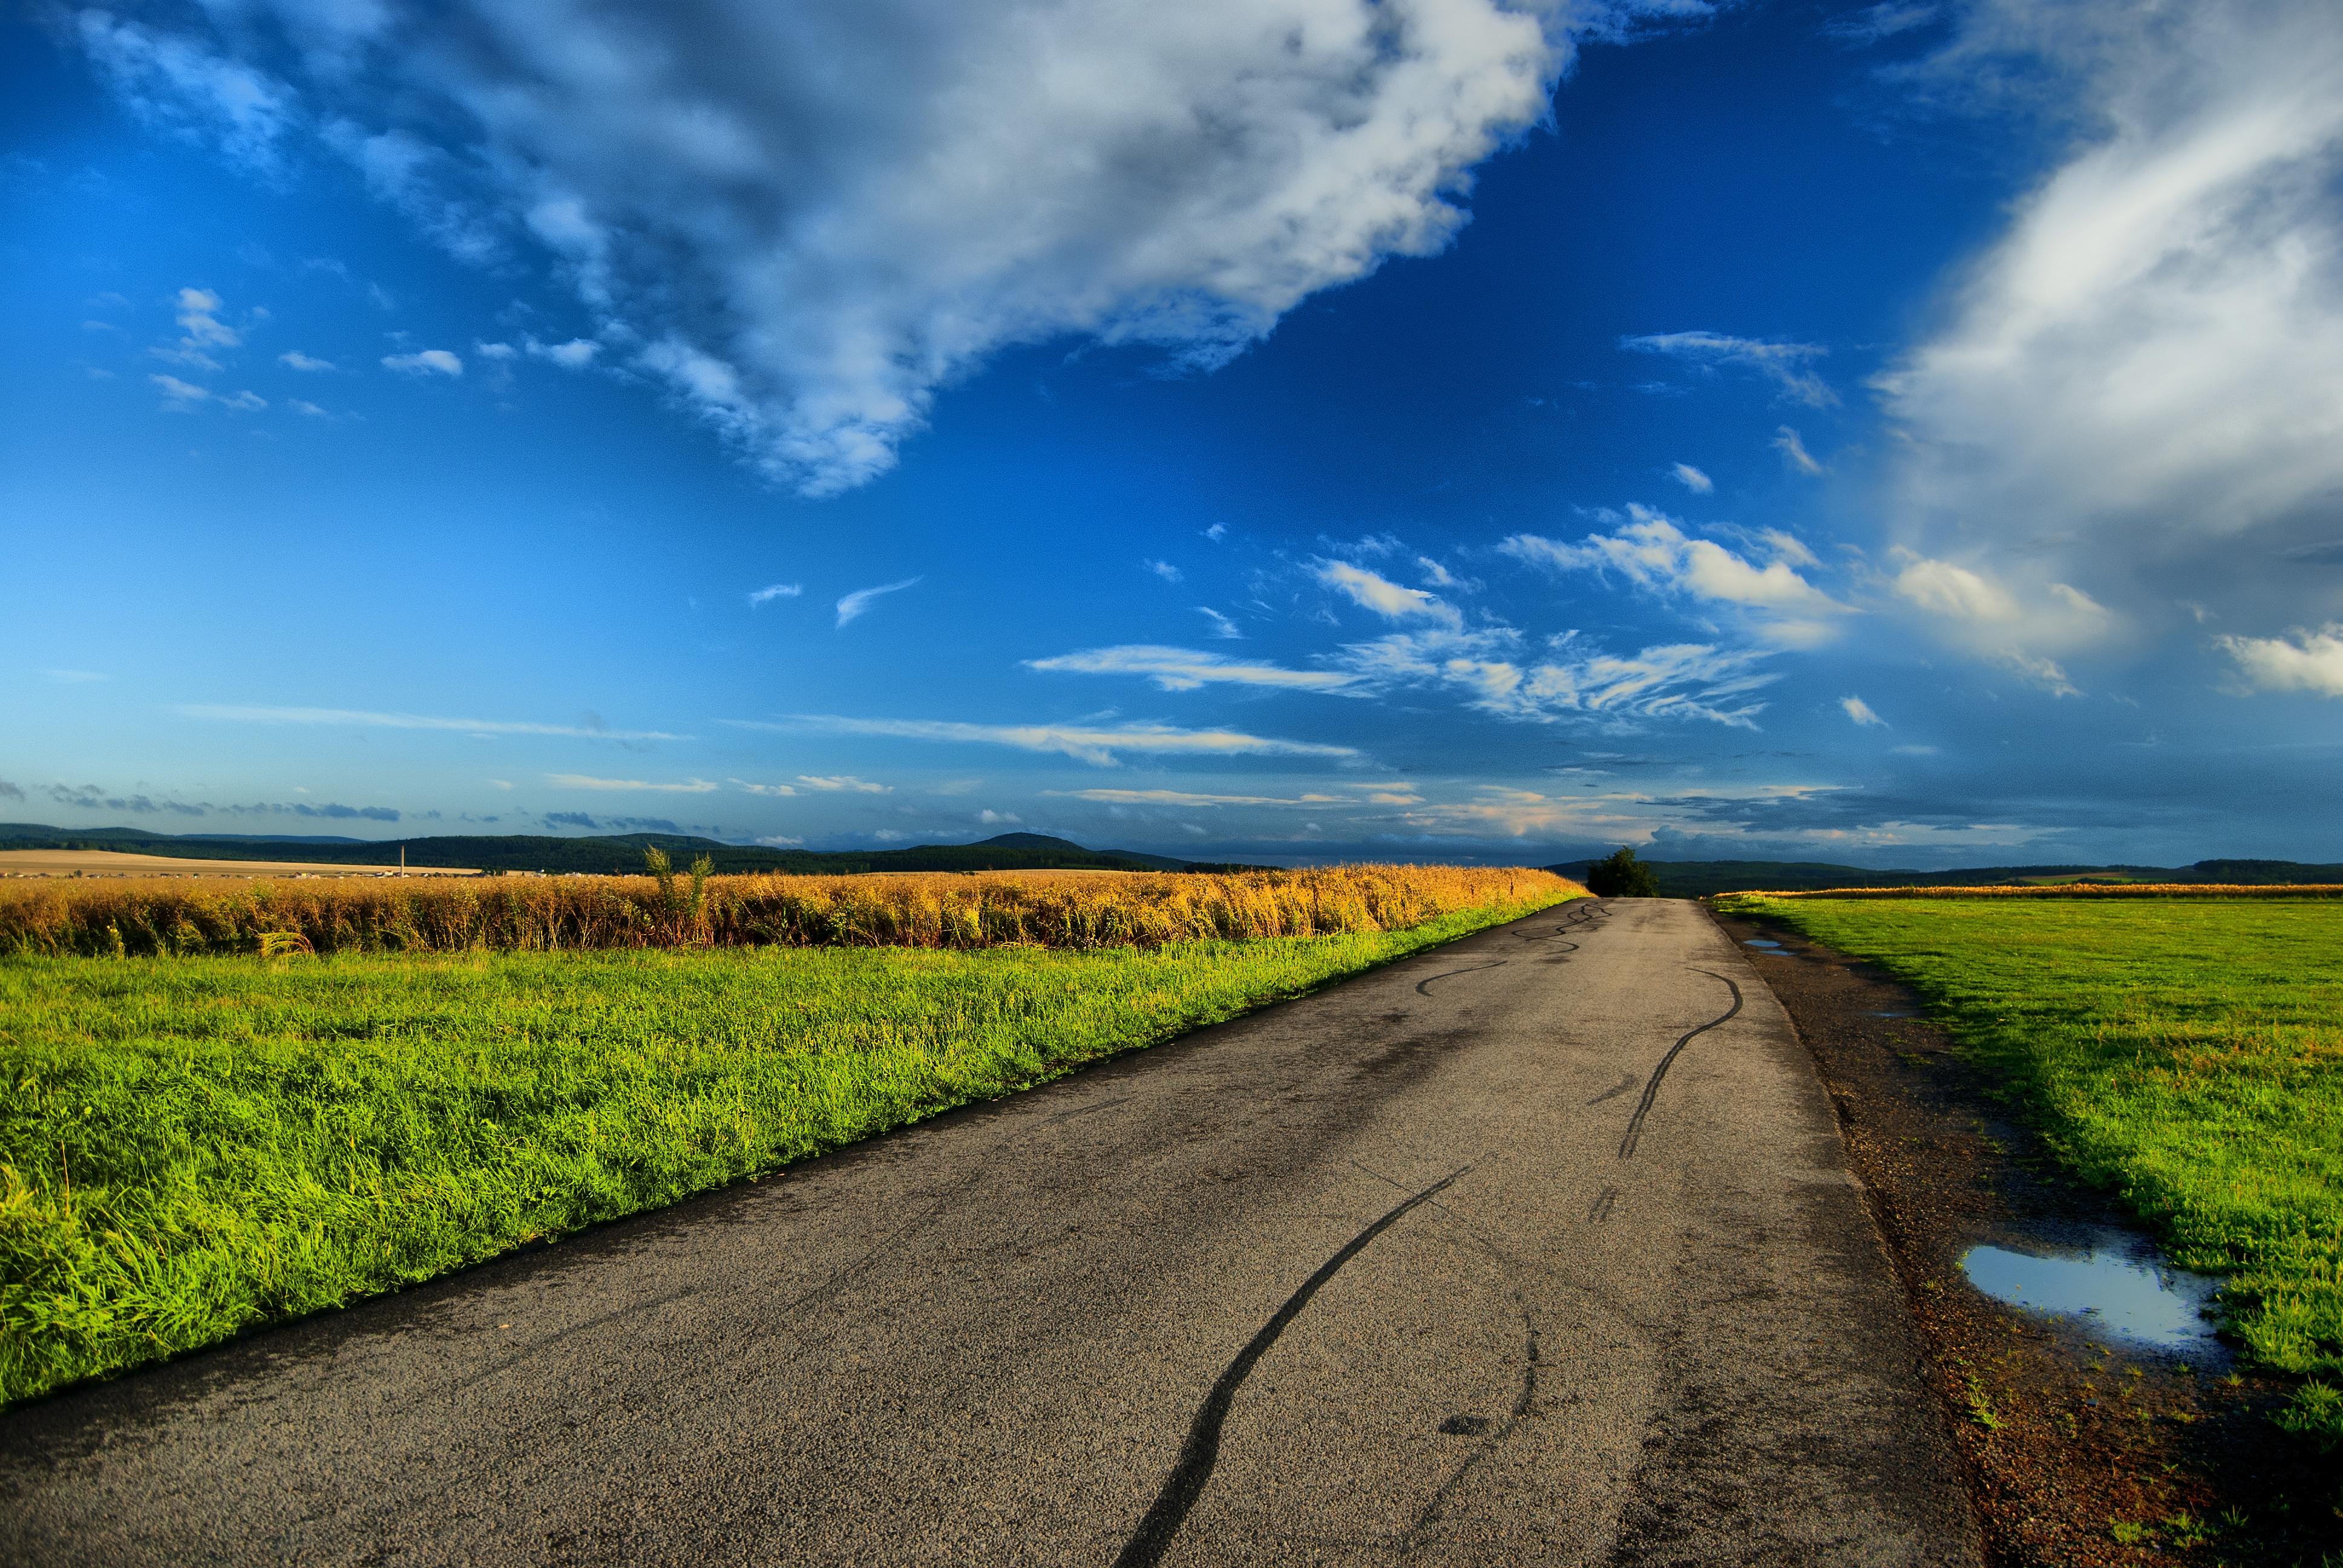 103222 Hintergrundbild 240x400 kostenlos auf deinem Handy, lade Bilder Landschaft, Natur, Straße, Feld, Pfützen 240x400 auf dein Handy herunter